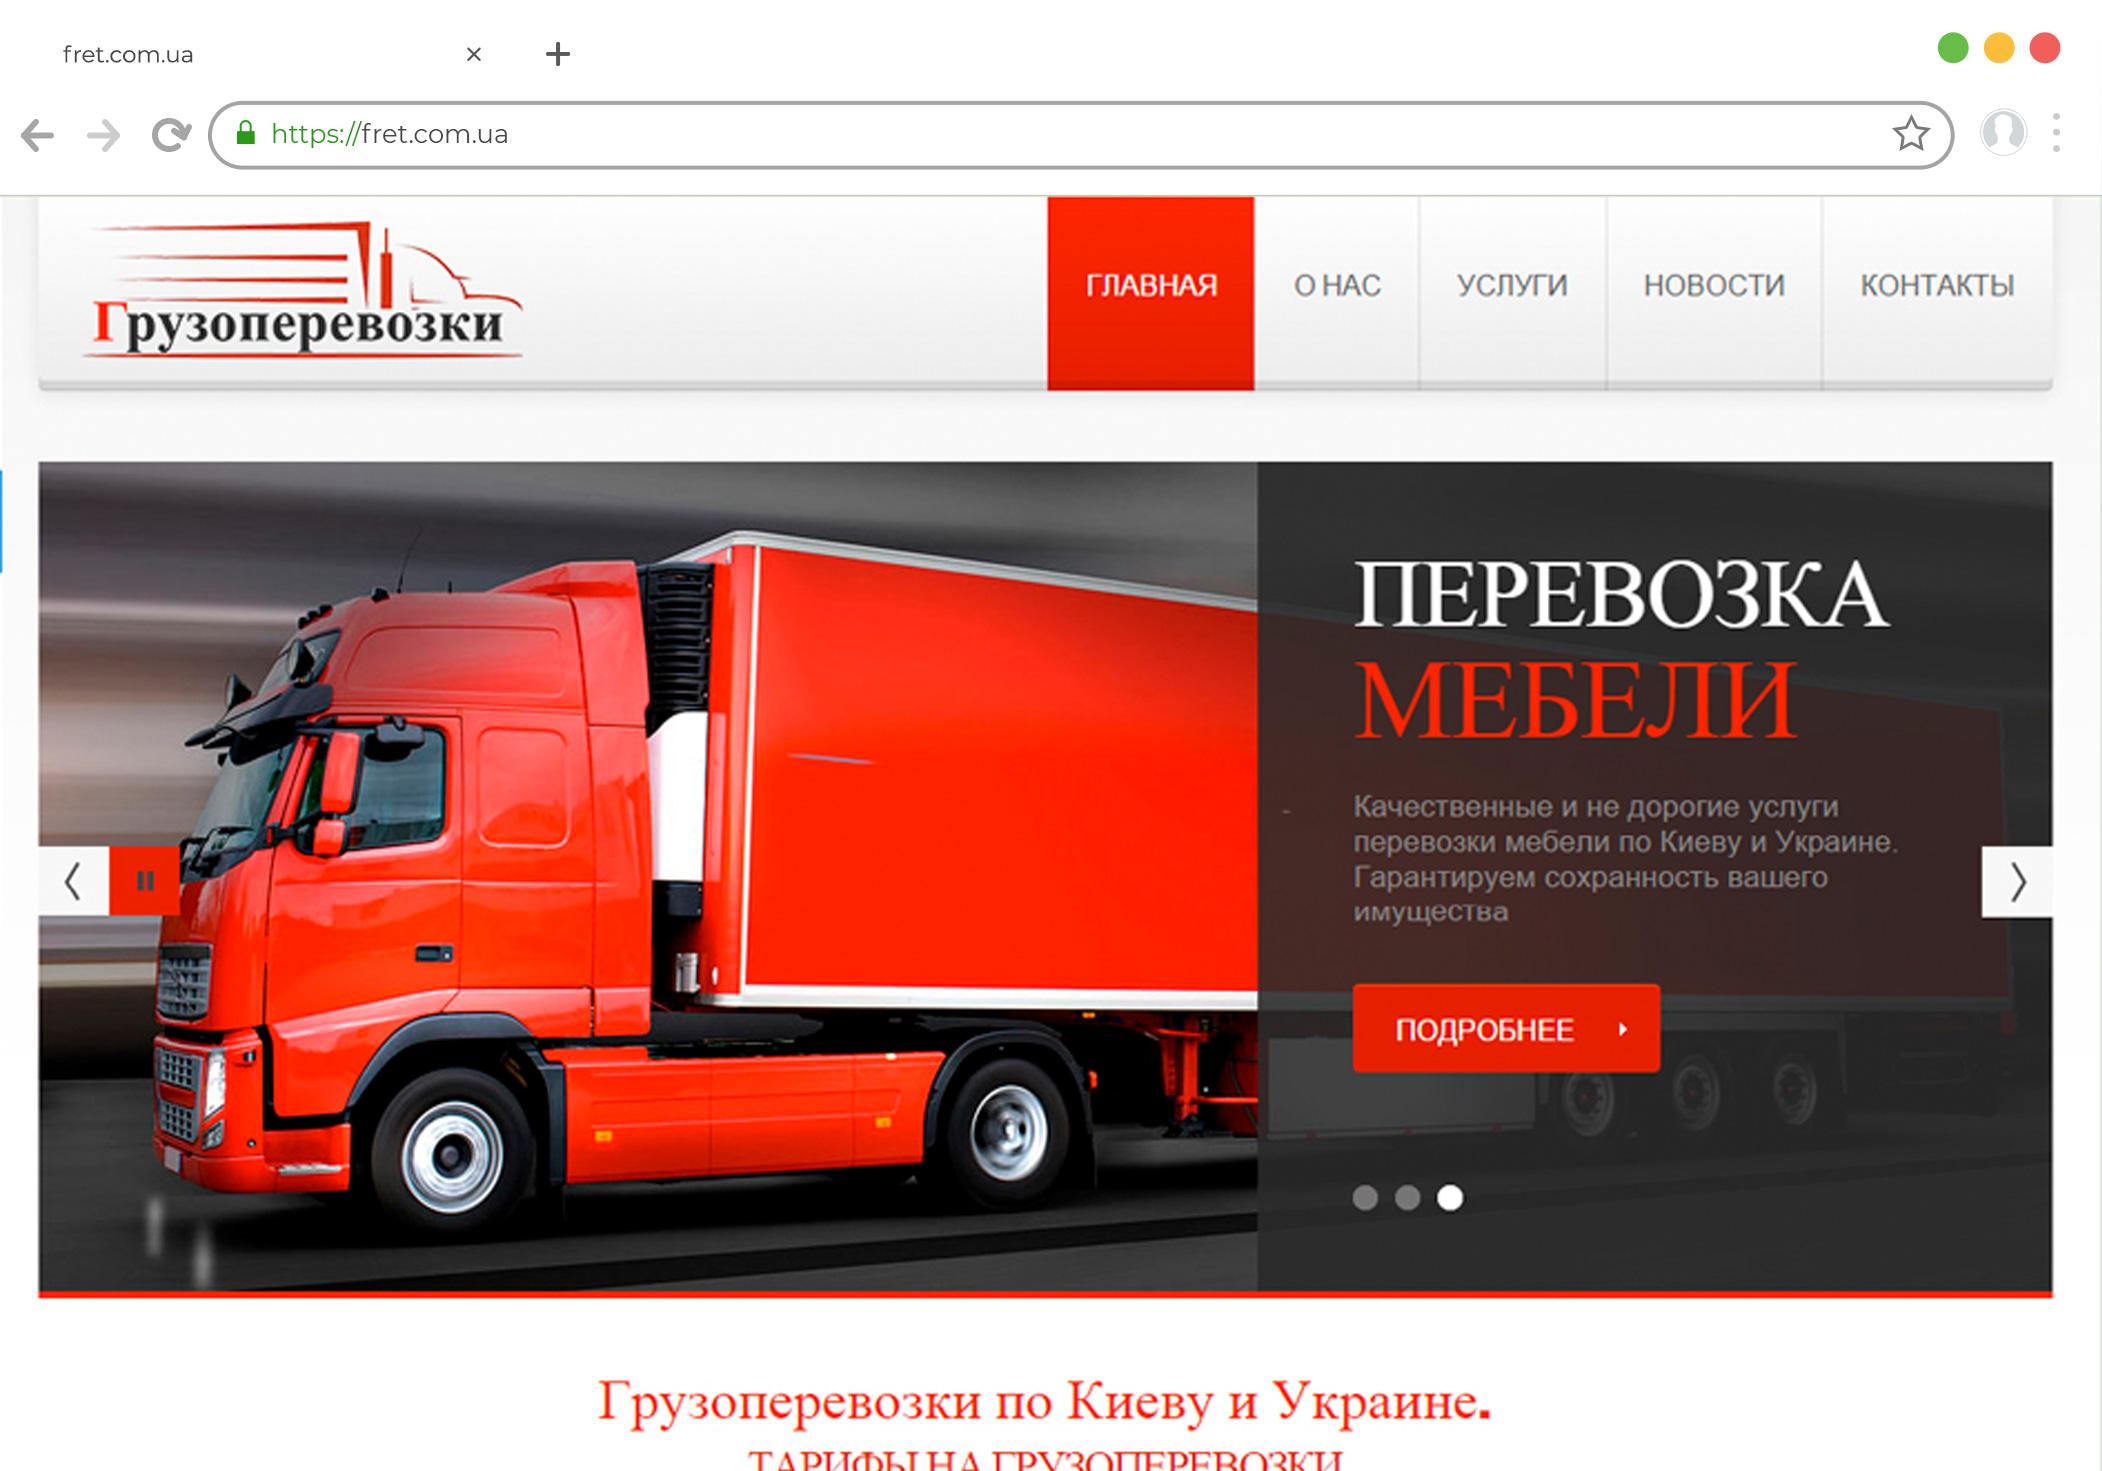 Создать сайт грузоперевозок. Создать хороший сайт по услугам грузоперевозок.